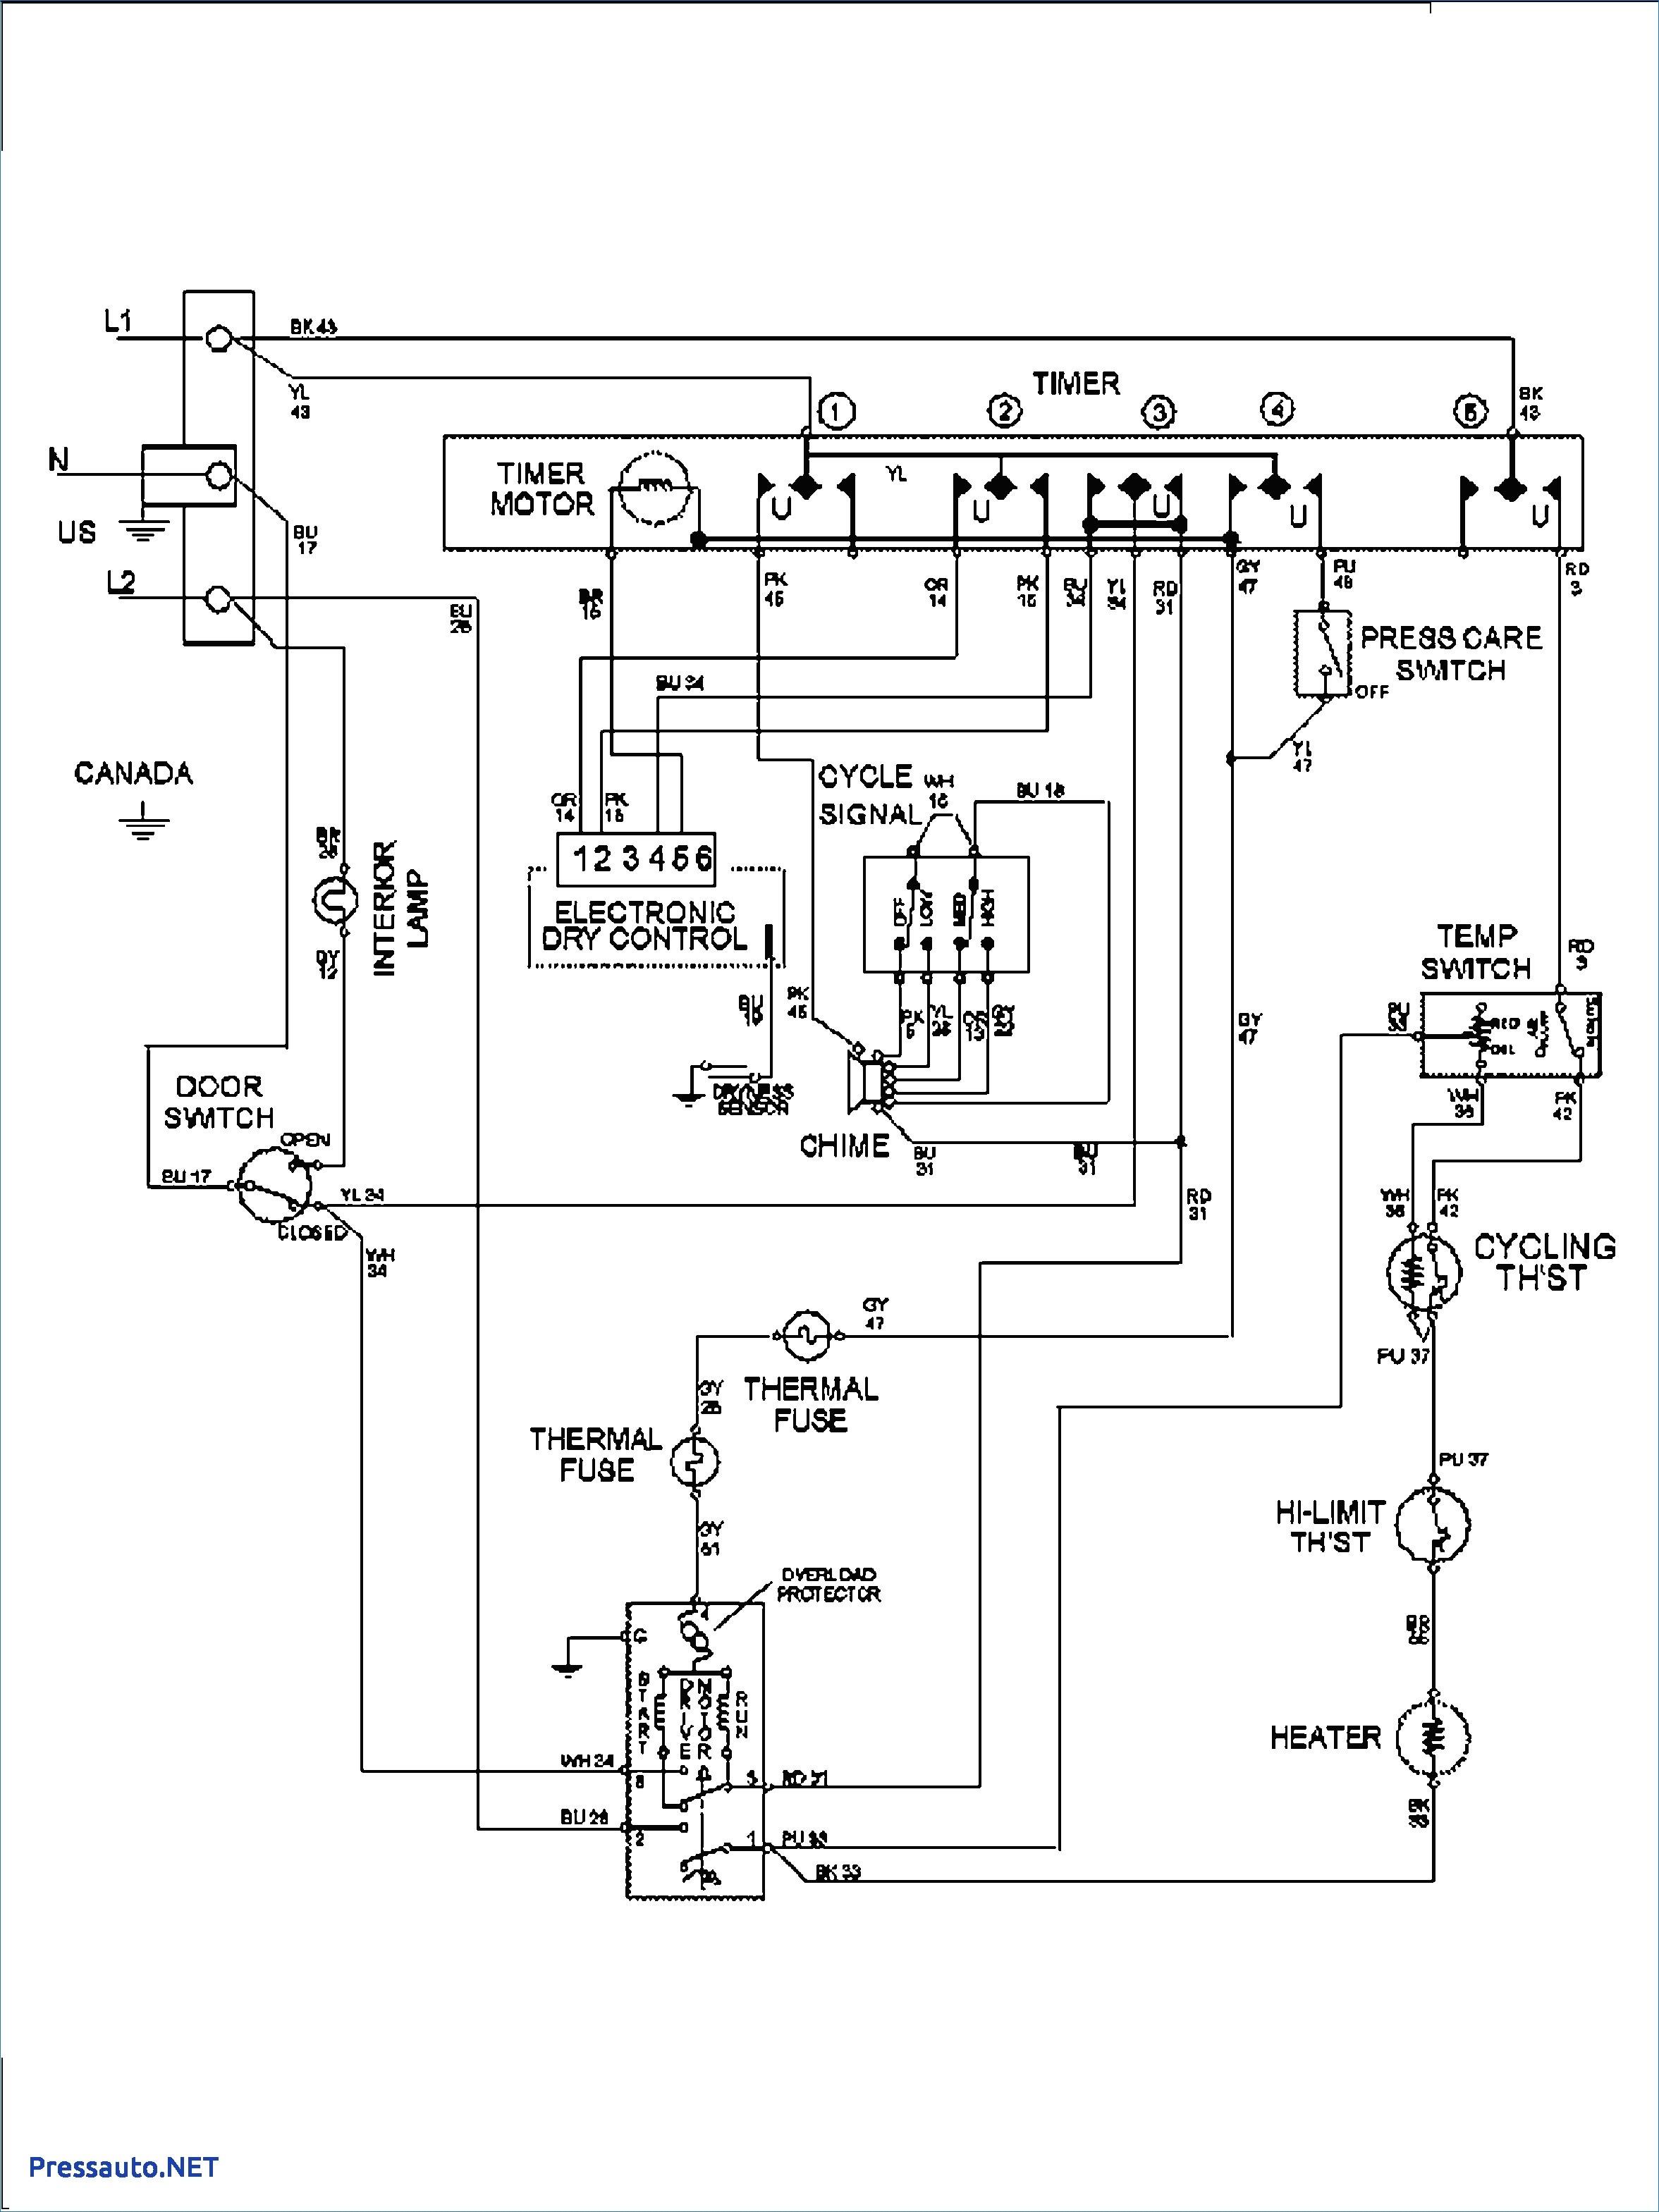 Whirlpool Dryer Schematic Wiring Diagram | Free Wiring Diagram on ge dryer timer, ge dryer starter, ge dryer parts list, ge ice maker schematic, electric clothes dryer schematic, ge dryer relay, ge appliance wiring diagrams, ge dryer motor schematic, ge dryer repair, ge microwave wiring-diagram, whirlpool dryer electrical schematic, gas dryer schematic, ge schematic diagrams, ge dryer fuse, ge cooktop wiring-diagram, ge dryer model numbers, general electric washer schematic, ge stove wiring-diagram, ge profile dryer schematic, ge gas dryer diagram,